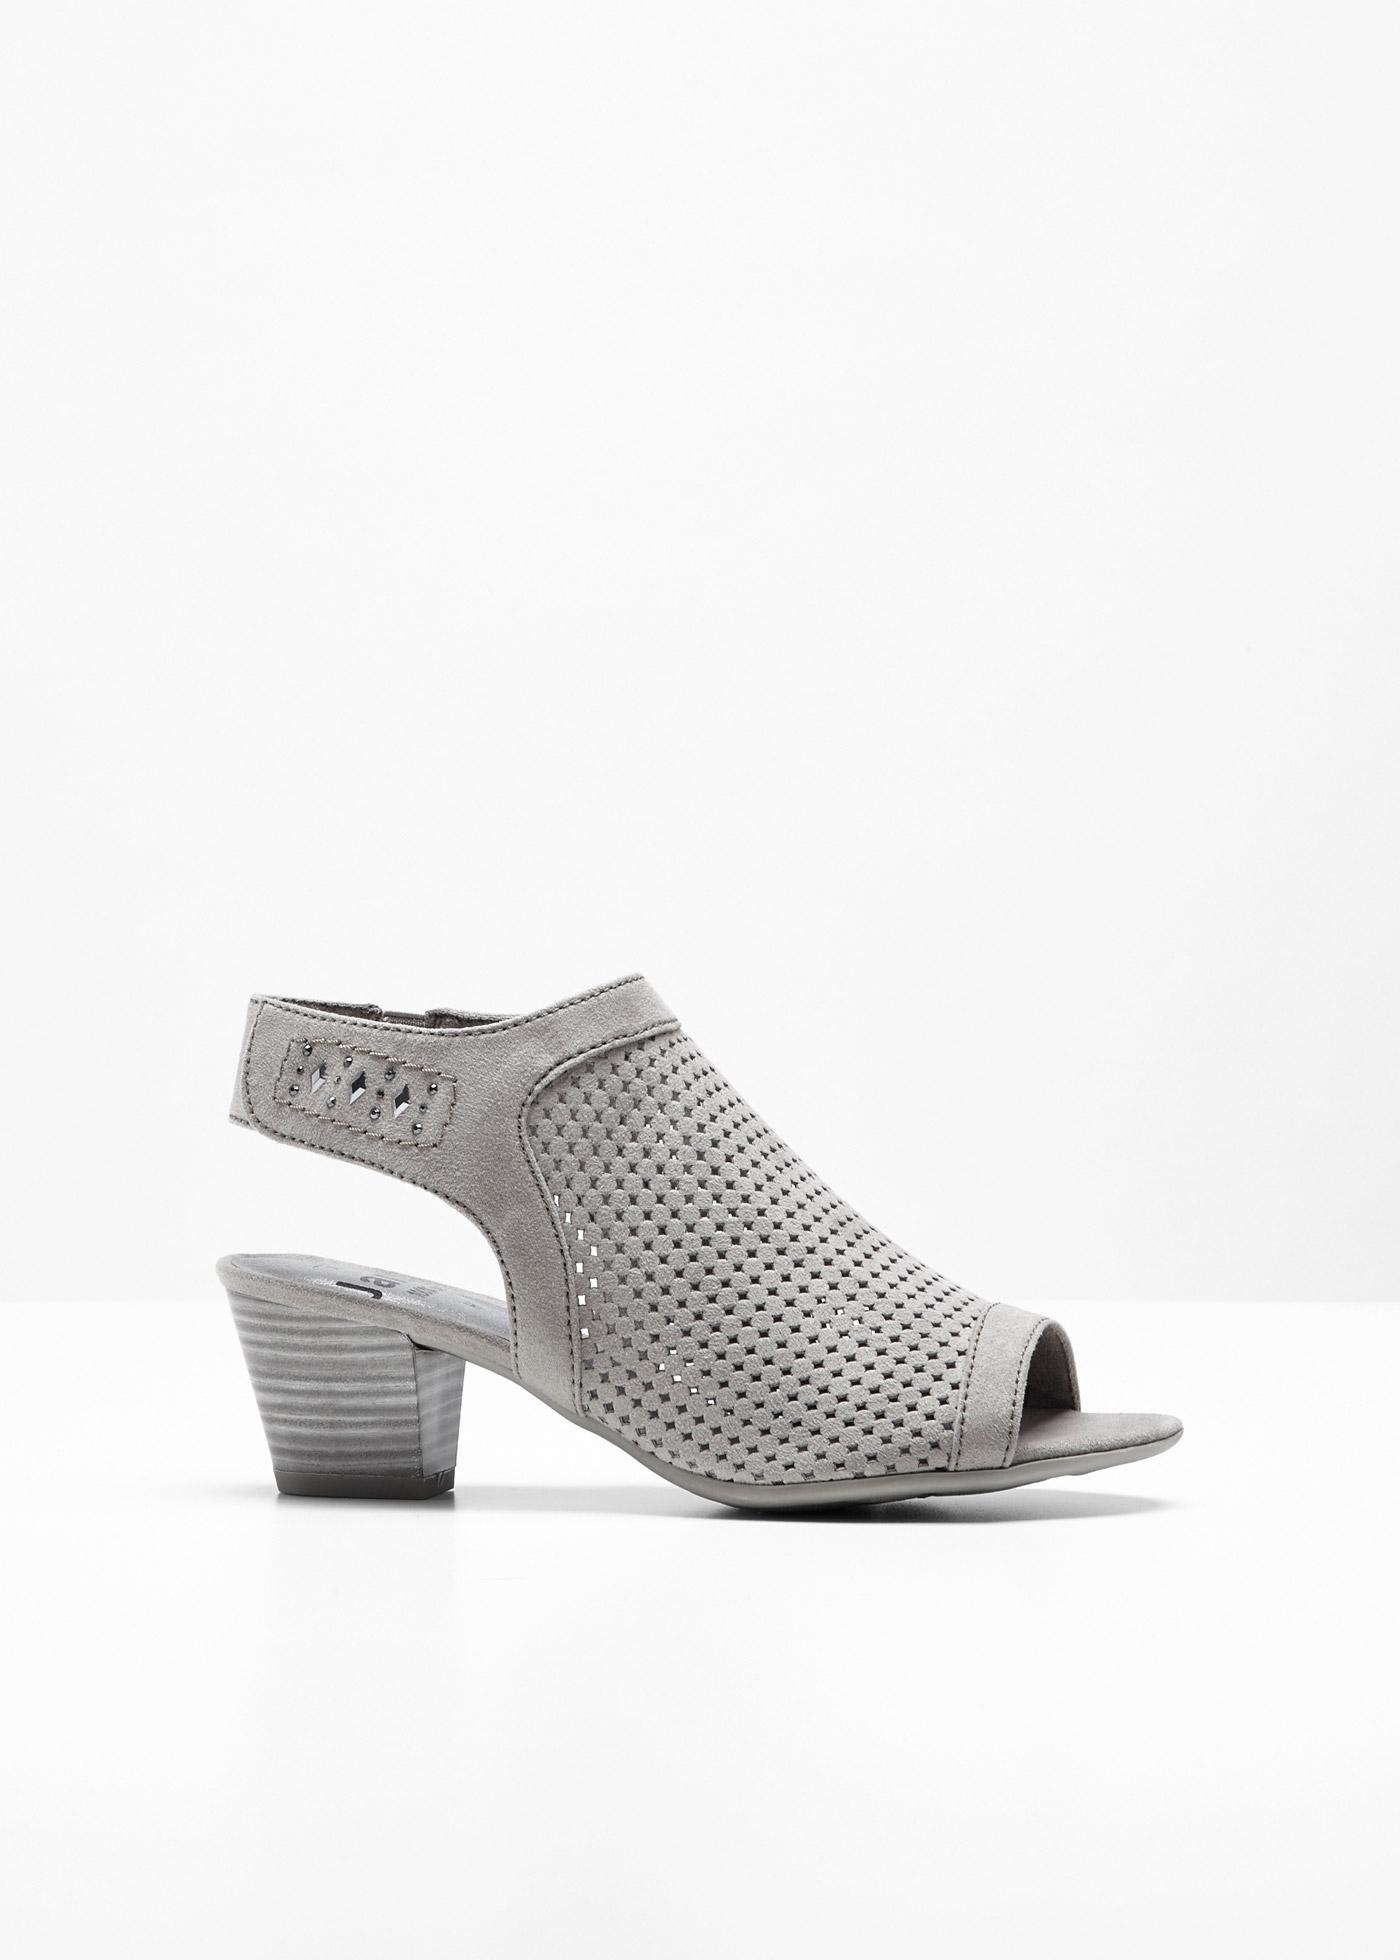 Sandalo comodo Jana (Marrone) - Jana